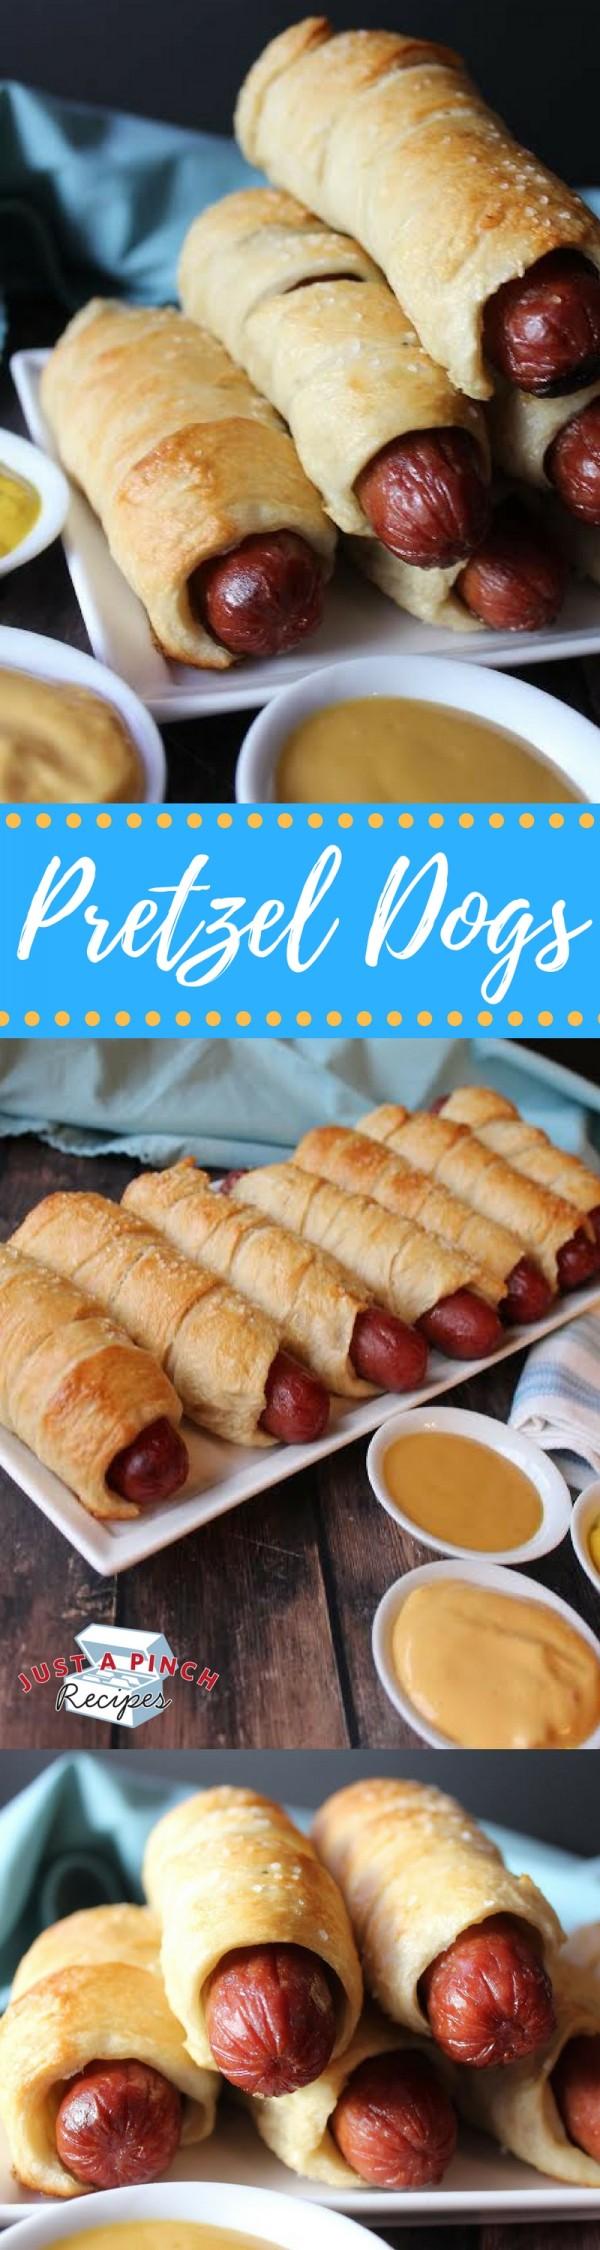 Get the recipe Susie's Pretzel Dogs @recipes_to_go